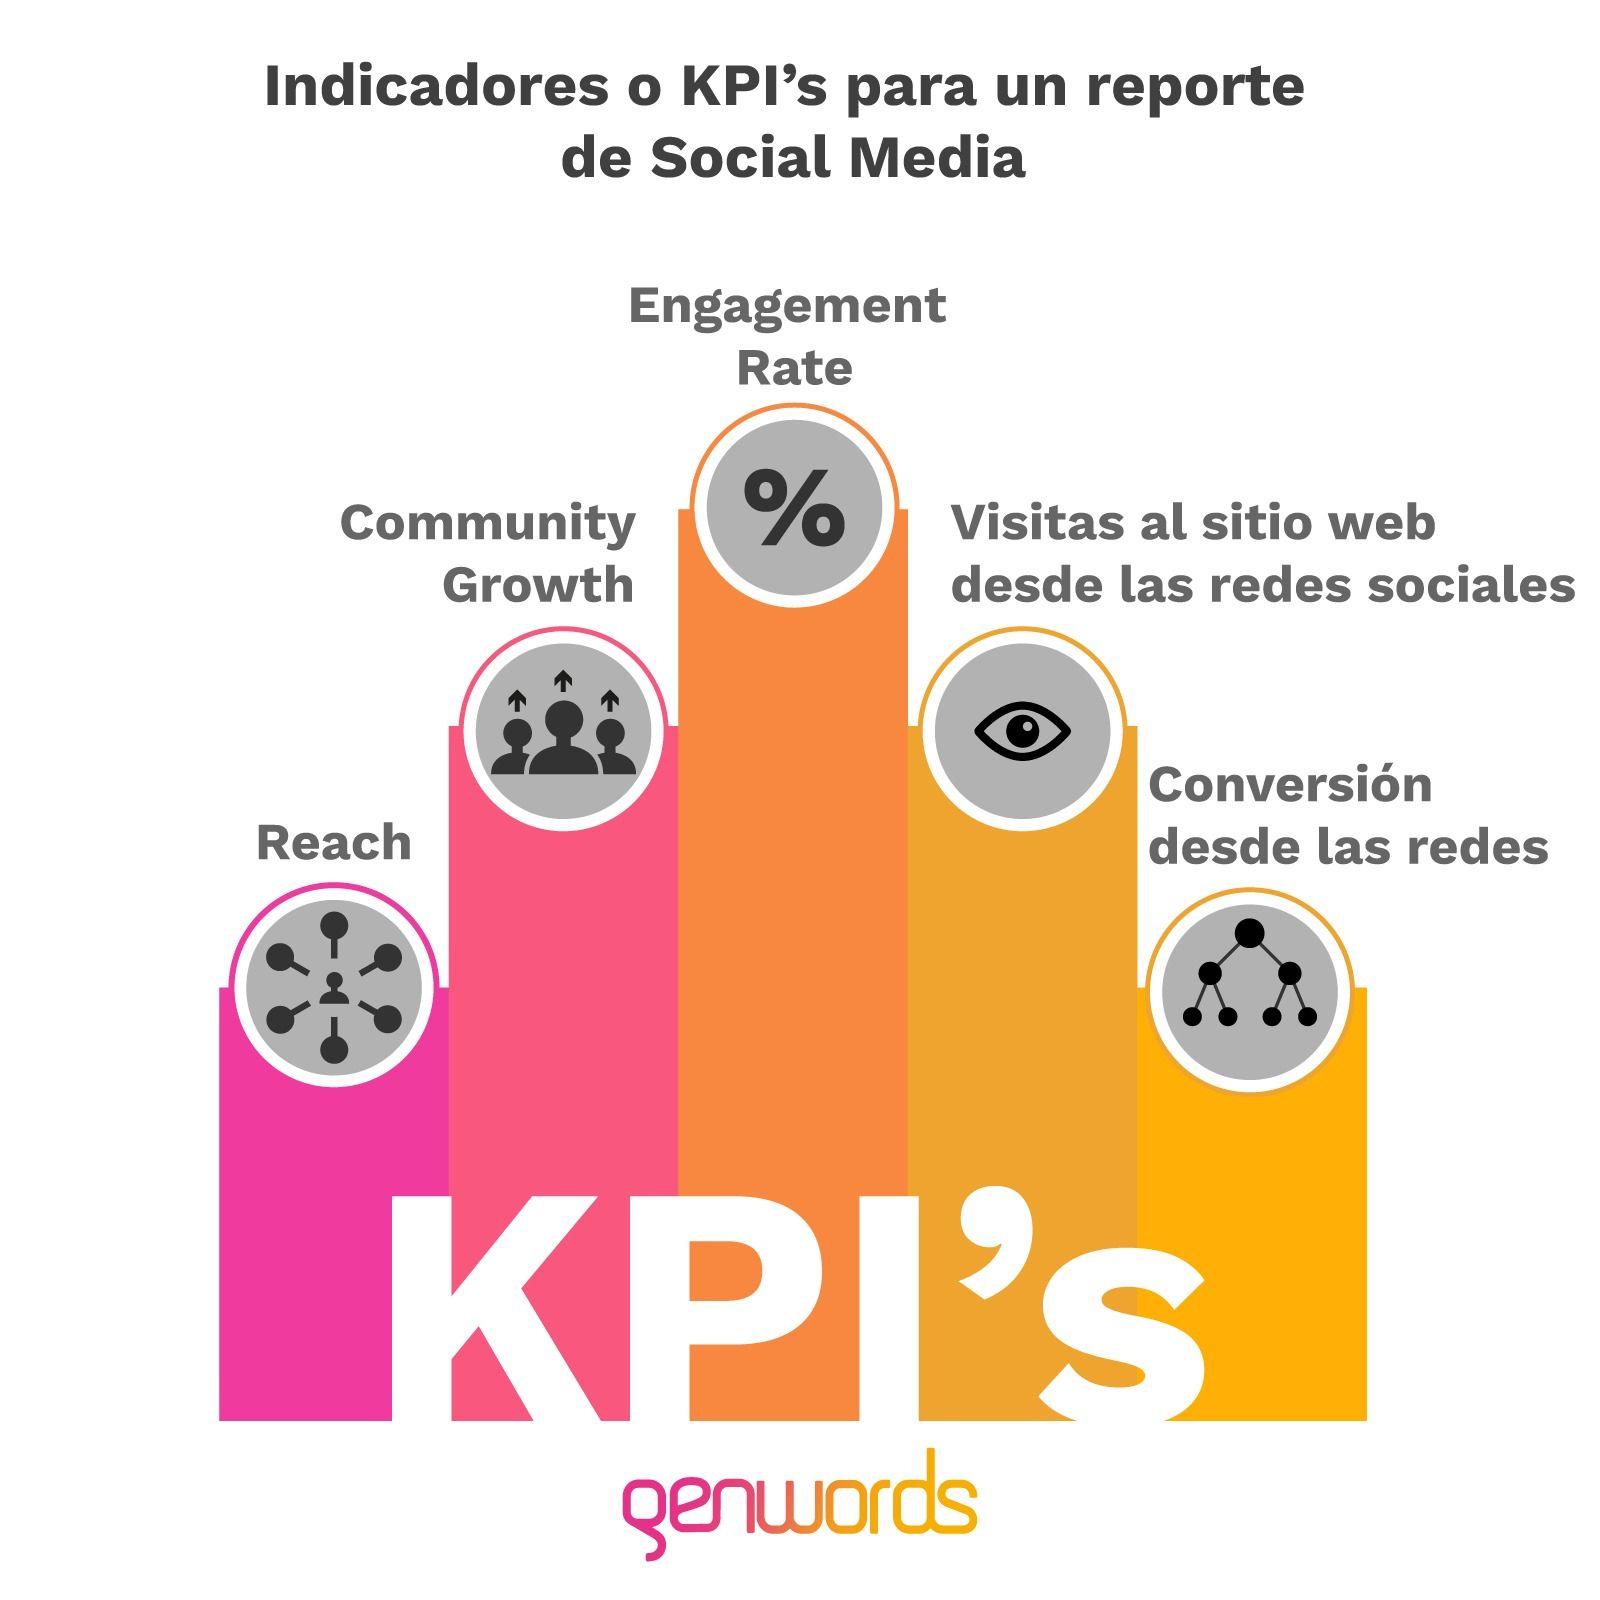 indicadores-KPI-reporte-de-social-media